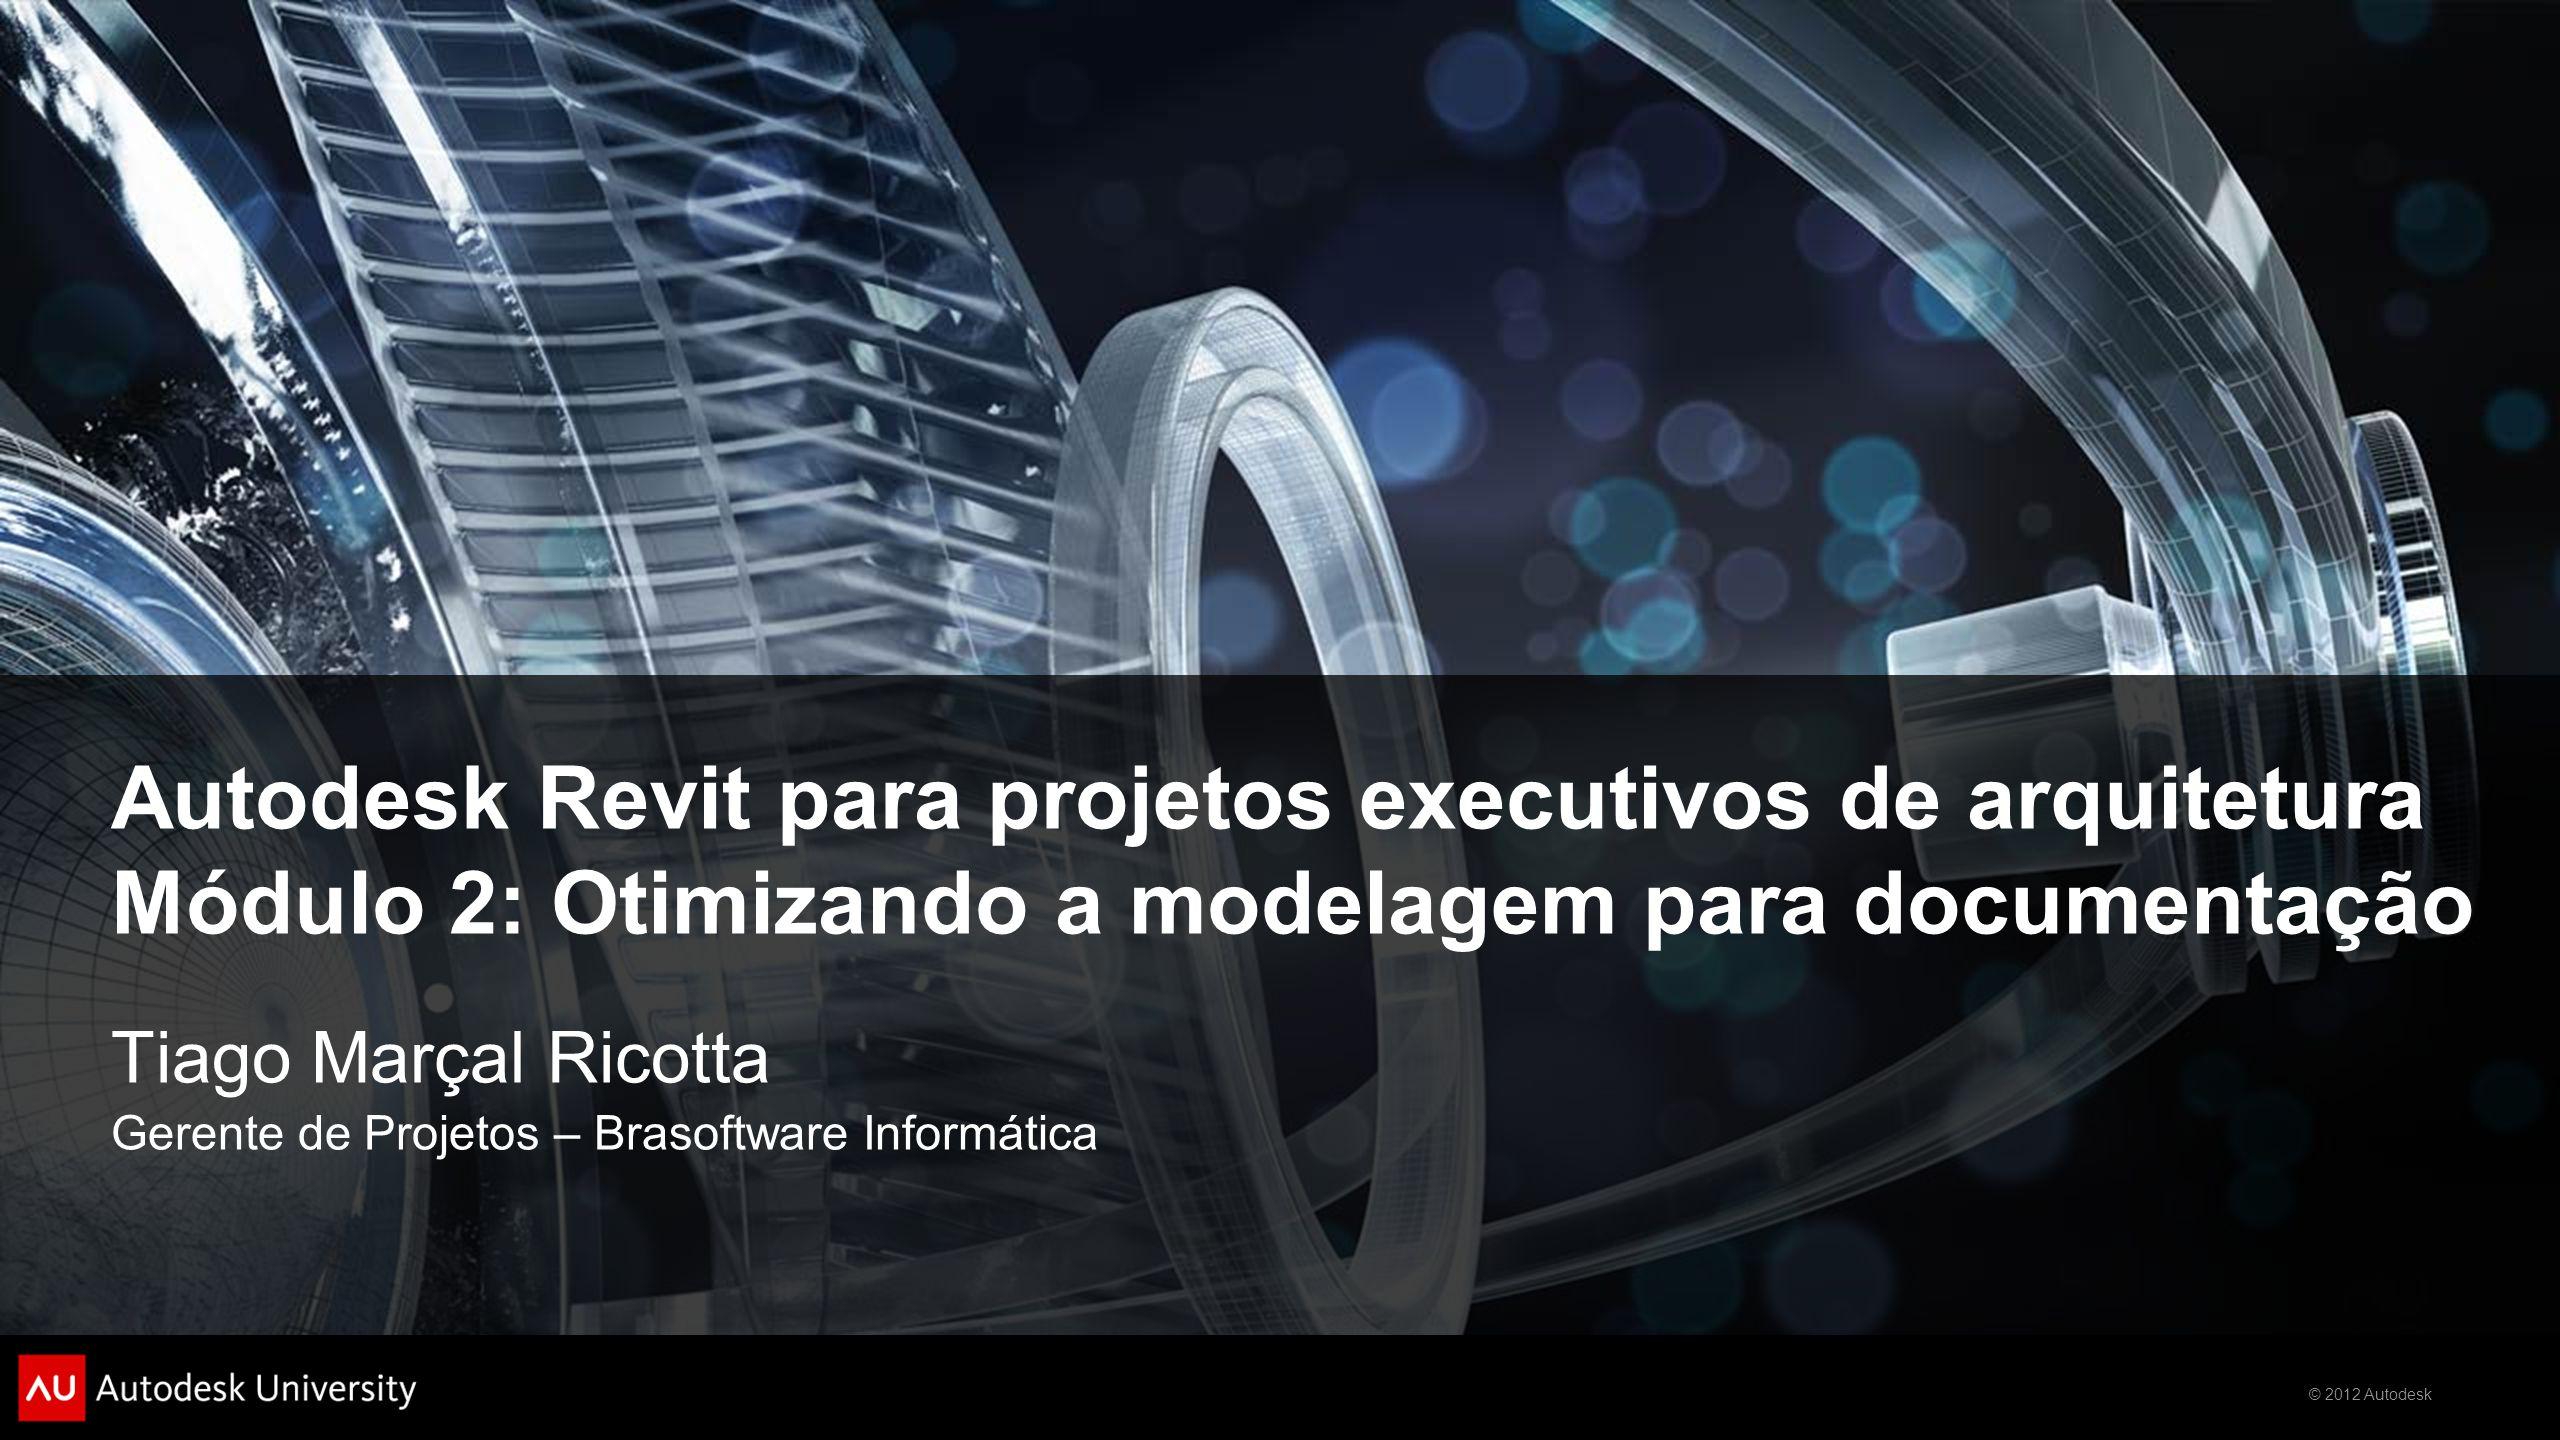 © 2012 Autodesk Autodesk Revit para projetos executivos de arquitetura Módulo 2: Otimizando a modelagem para documentação Tiago Marçal Ricotta Gerente